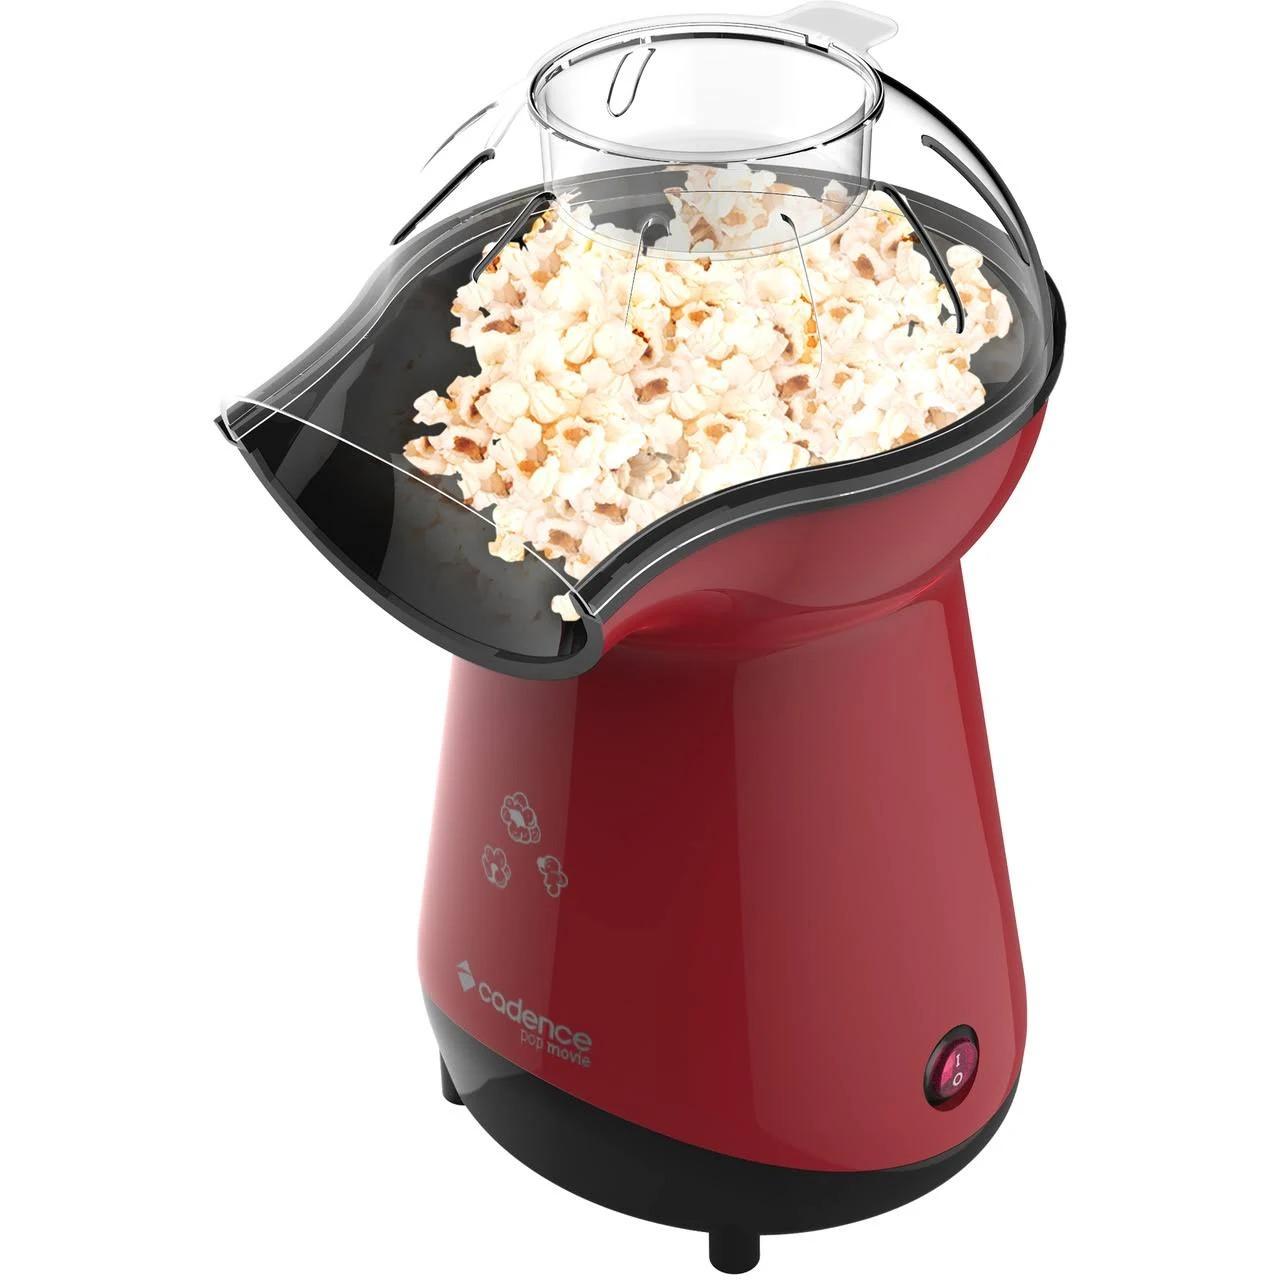 Pipoqueira  Elétrica Pop Movie 205 Cadende 220V Cor: Vermelho